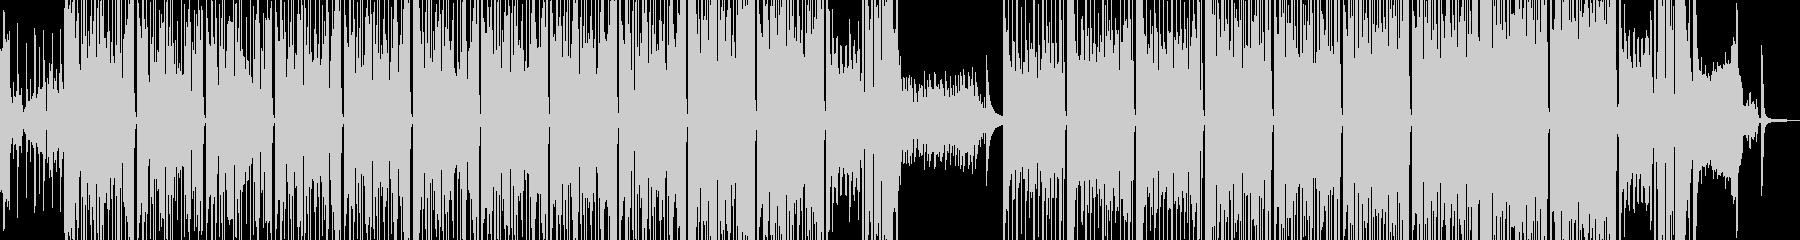 タイム制限クイズのようなポップス bの未再生の波形